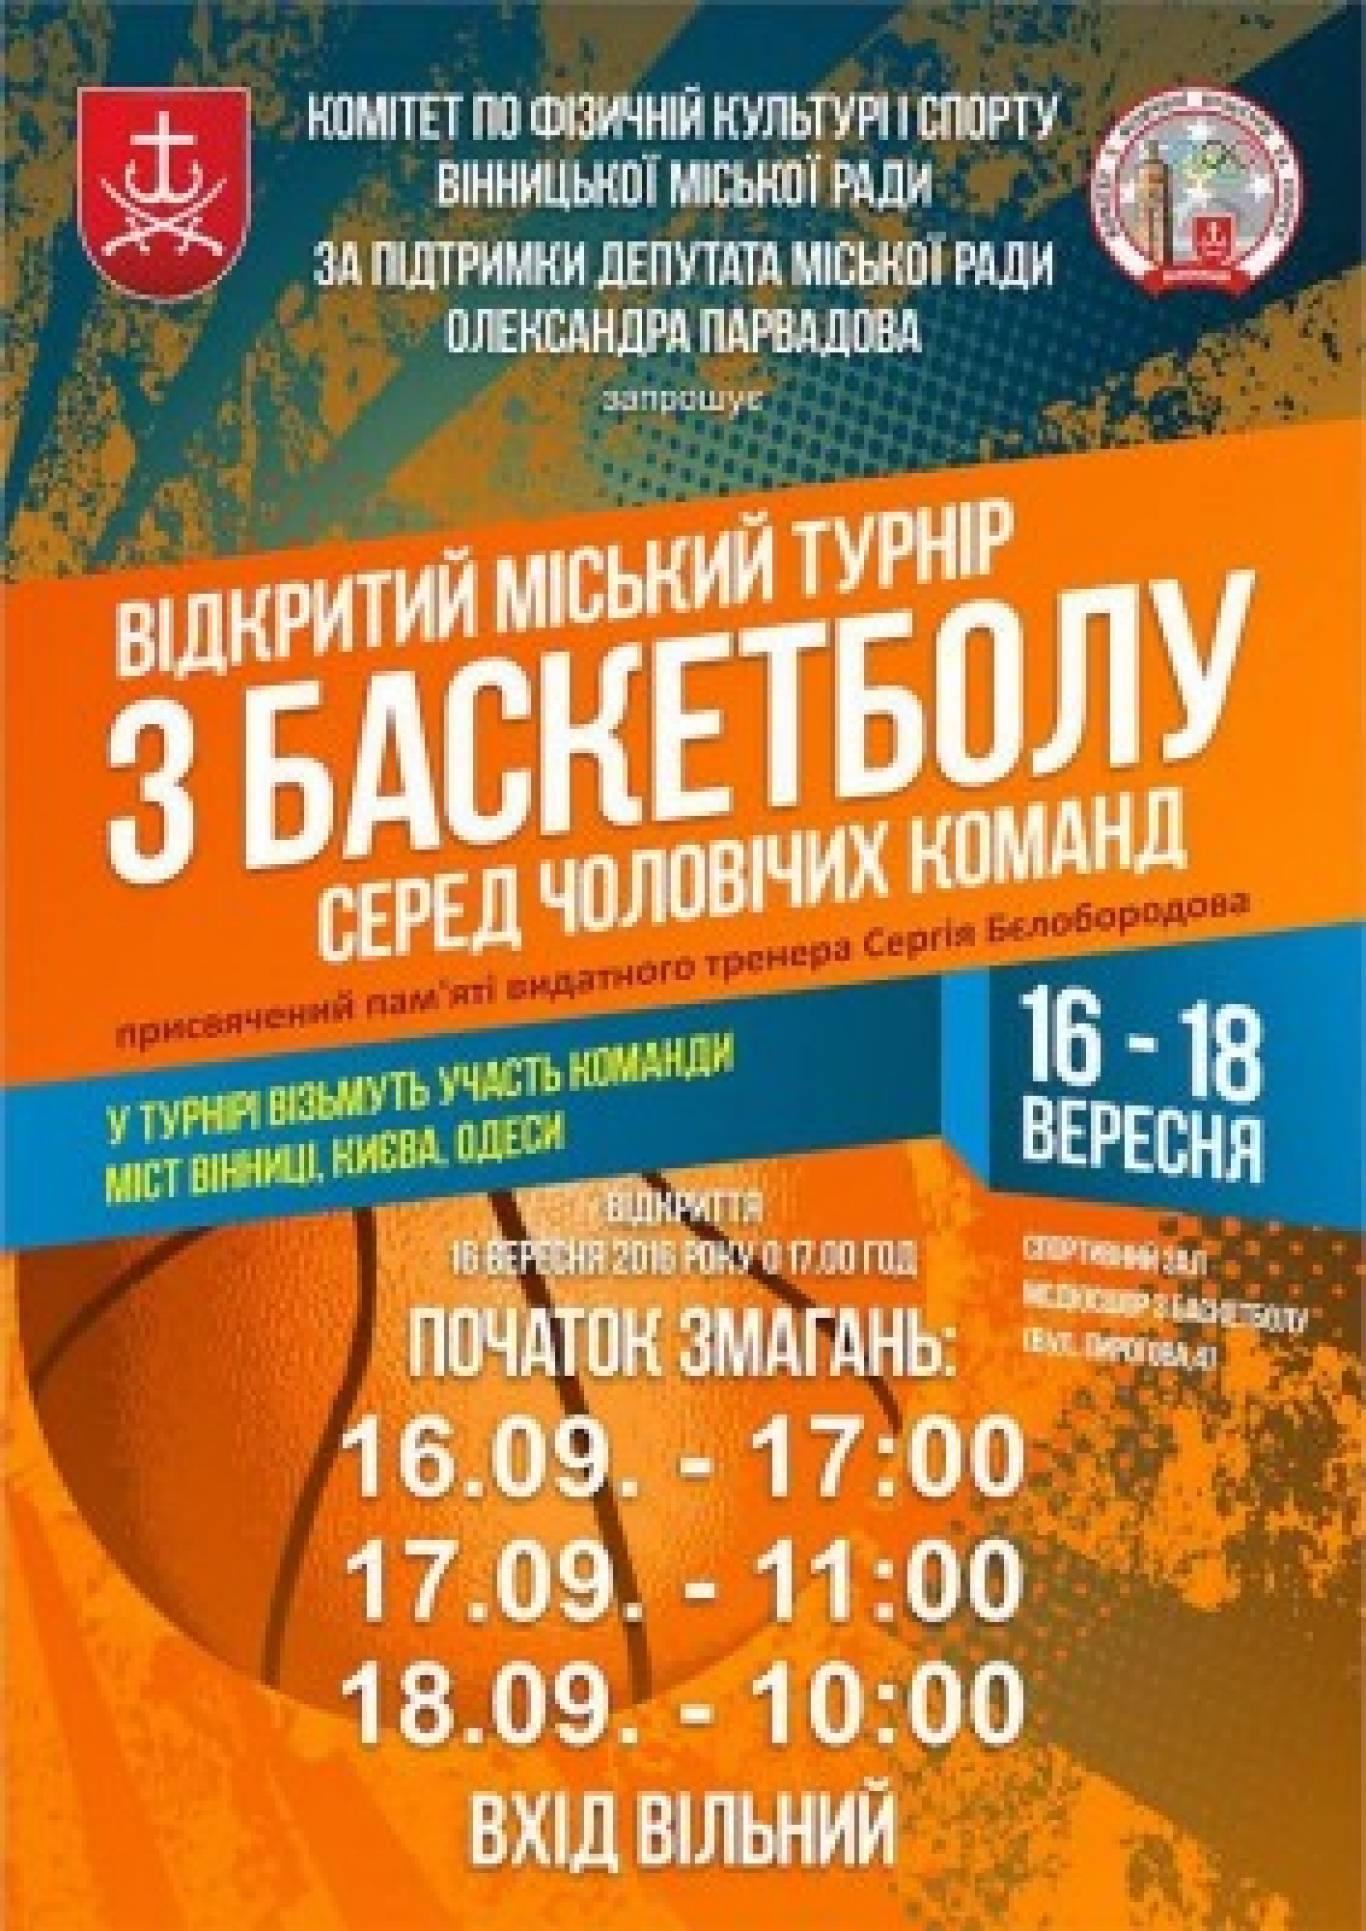 Відкритий міський турнір по баскетболу